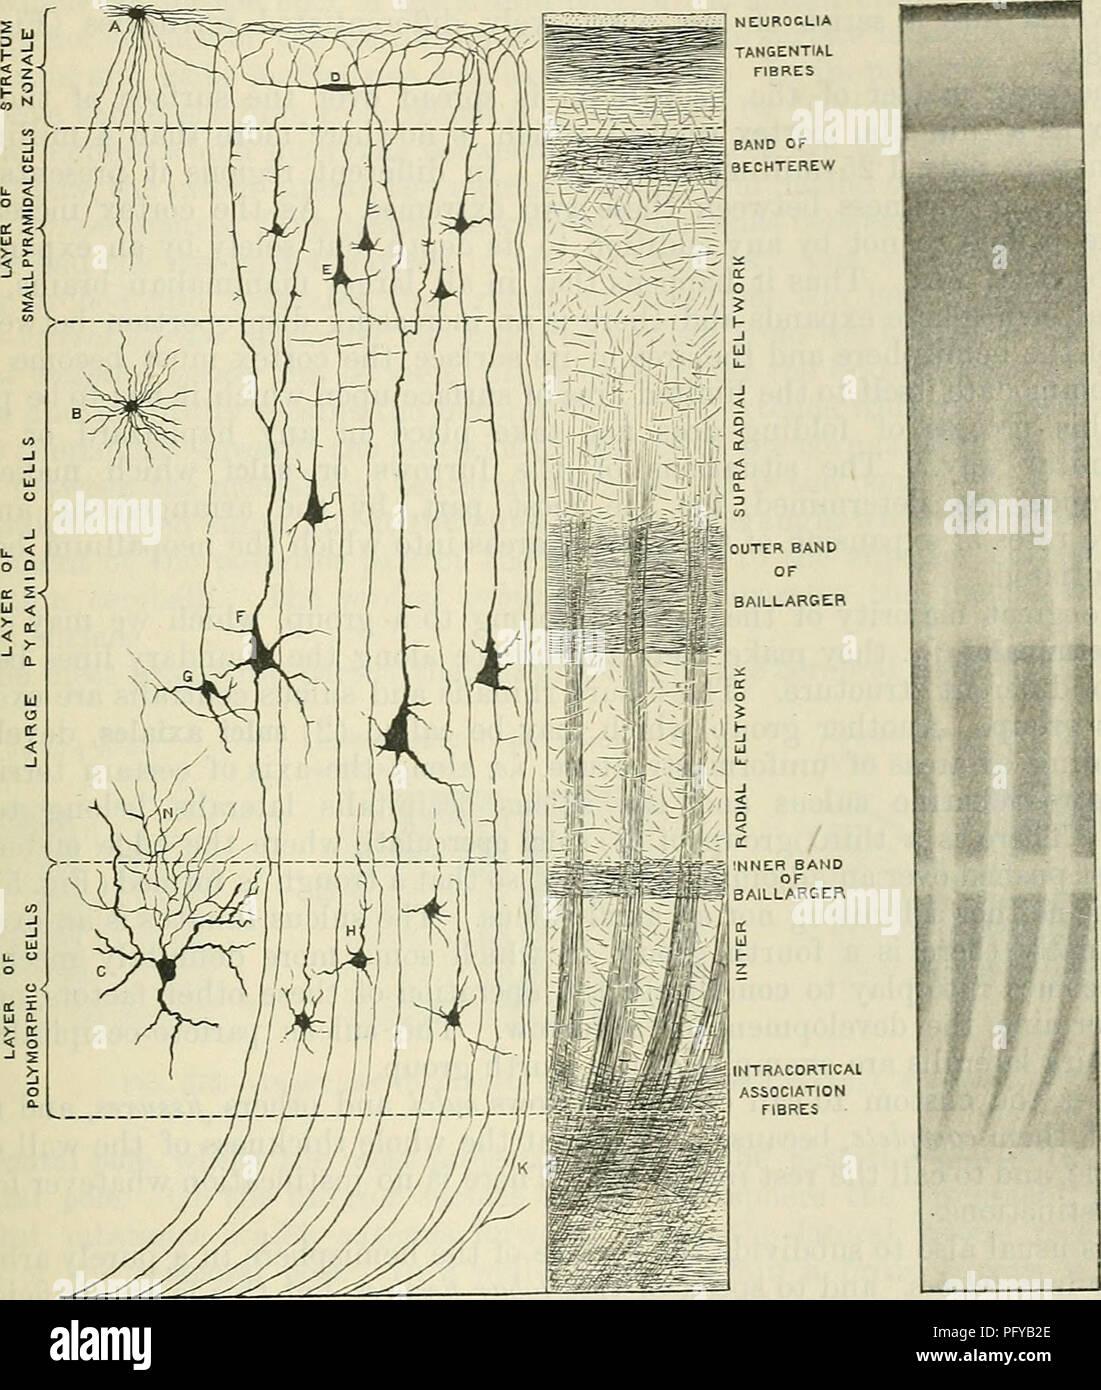 Cerebral Cortex Nerve Cell Stock Photos & Cerebral Cortex Nerve Cell ...